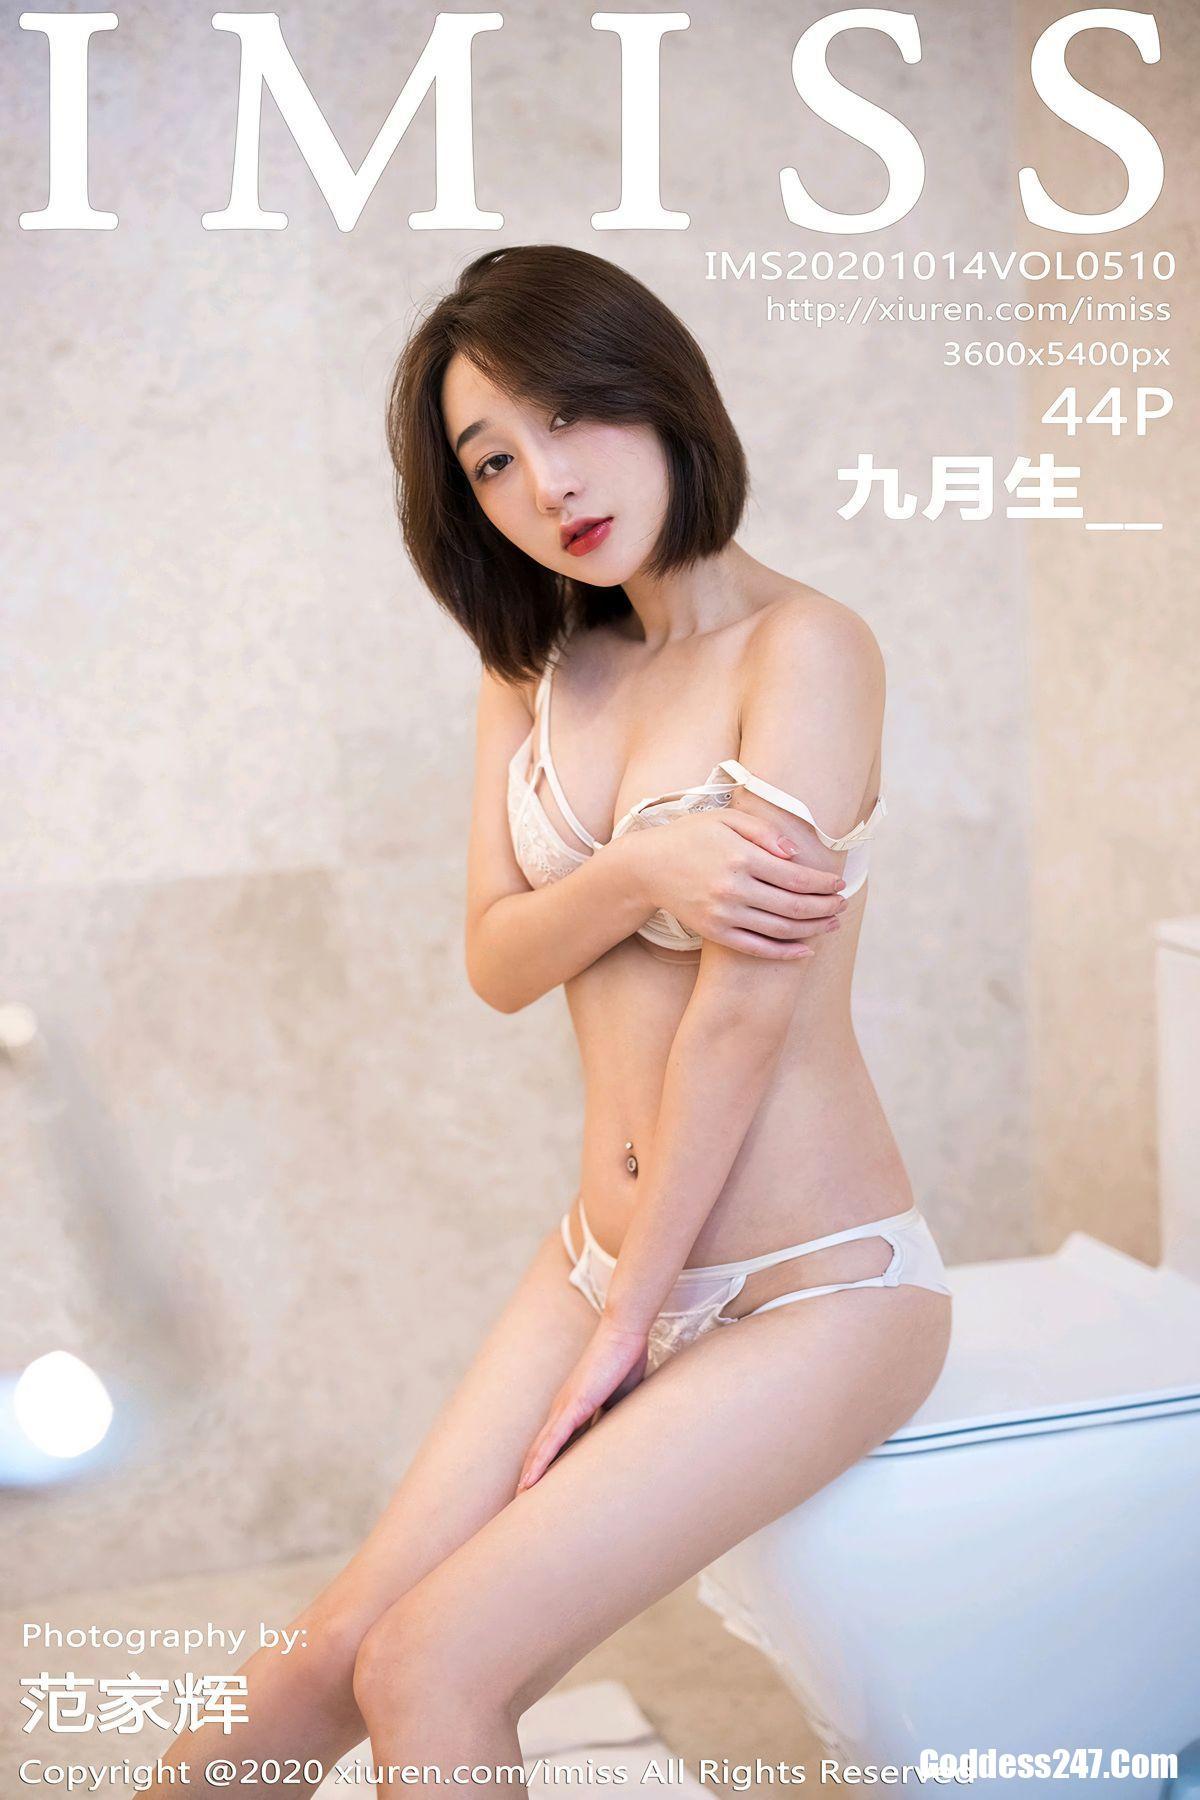 IMiss爱蜜社 Vol.510 九月生_